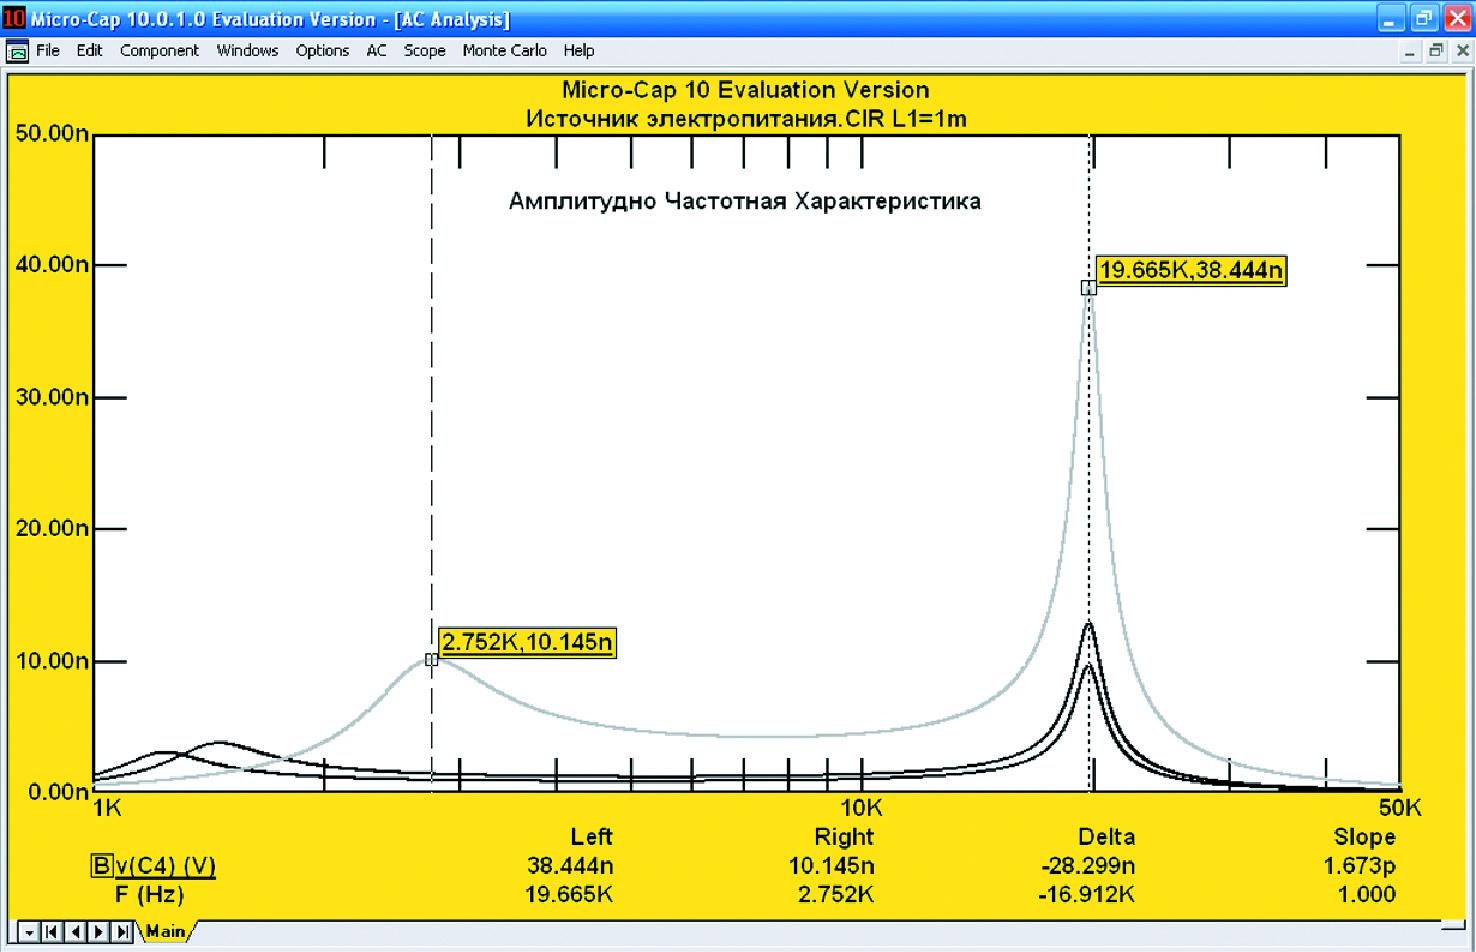 Семейство АЧХИЭП приизменении индуктивности дросселя постоянного тока полирезонансного инвертора